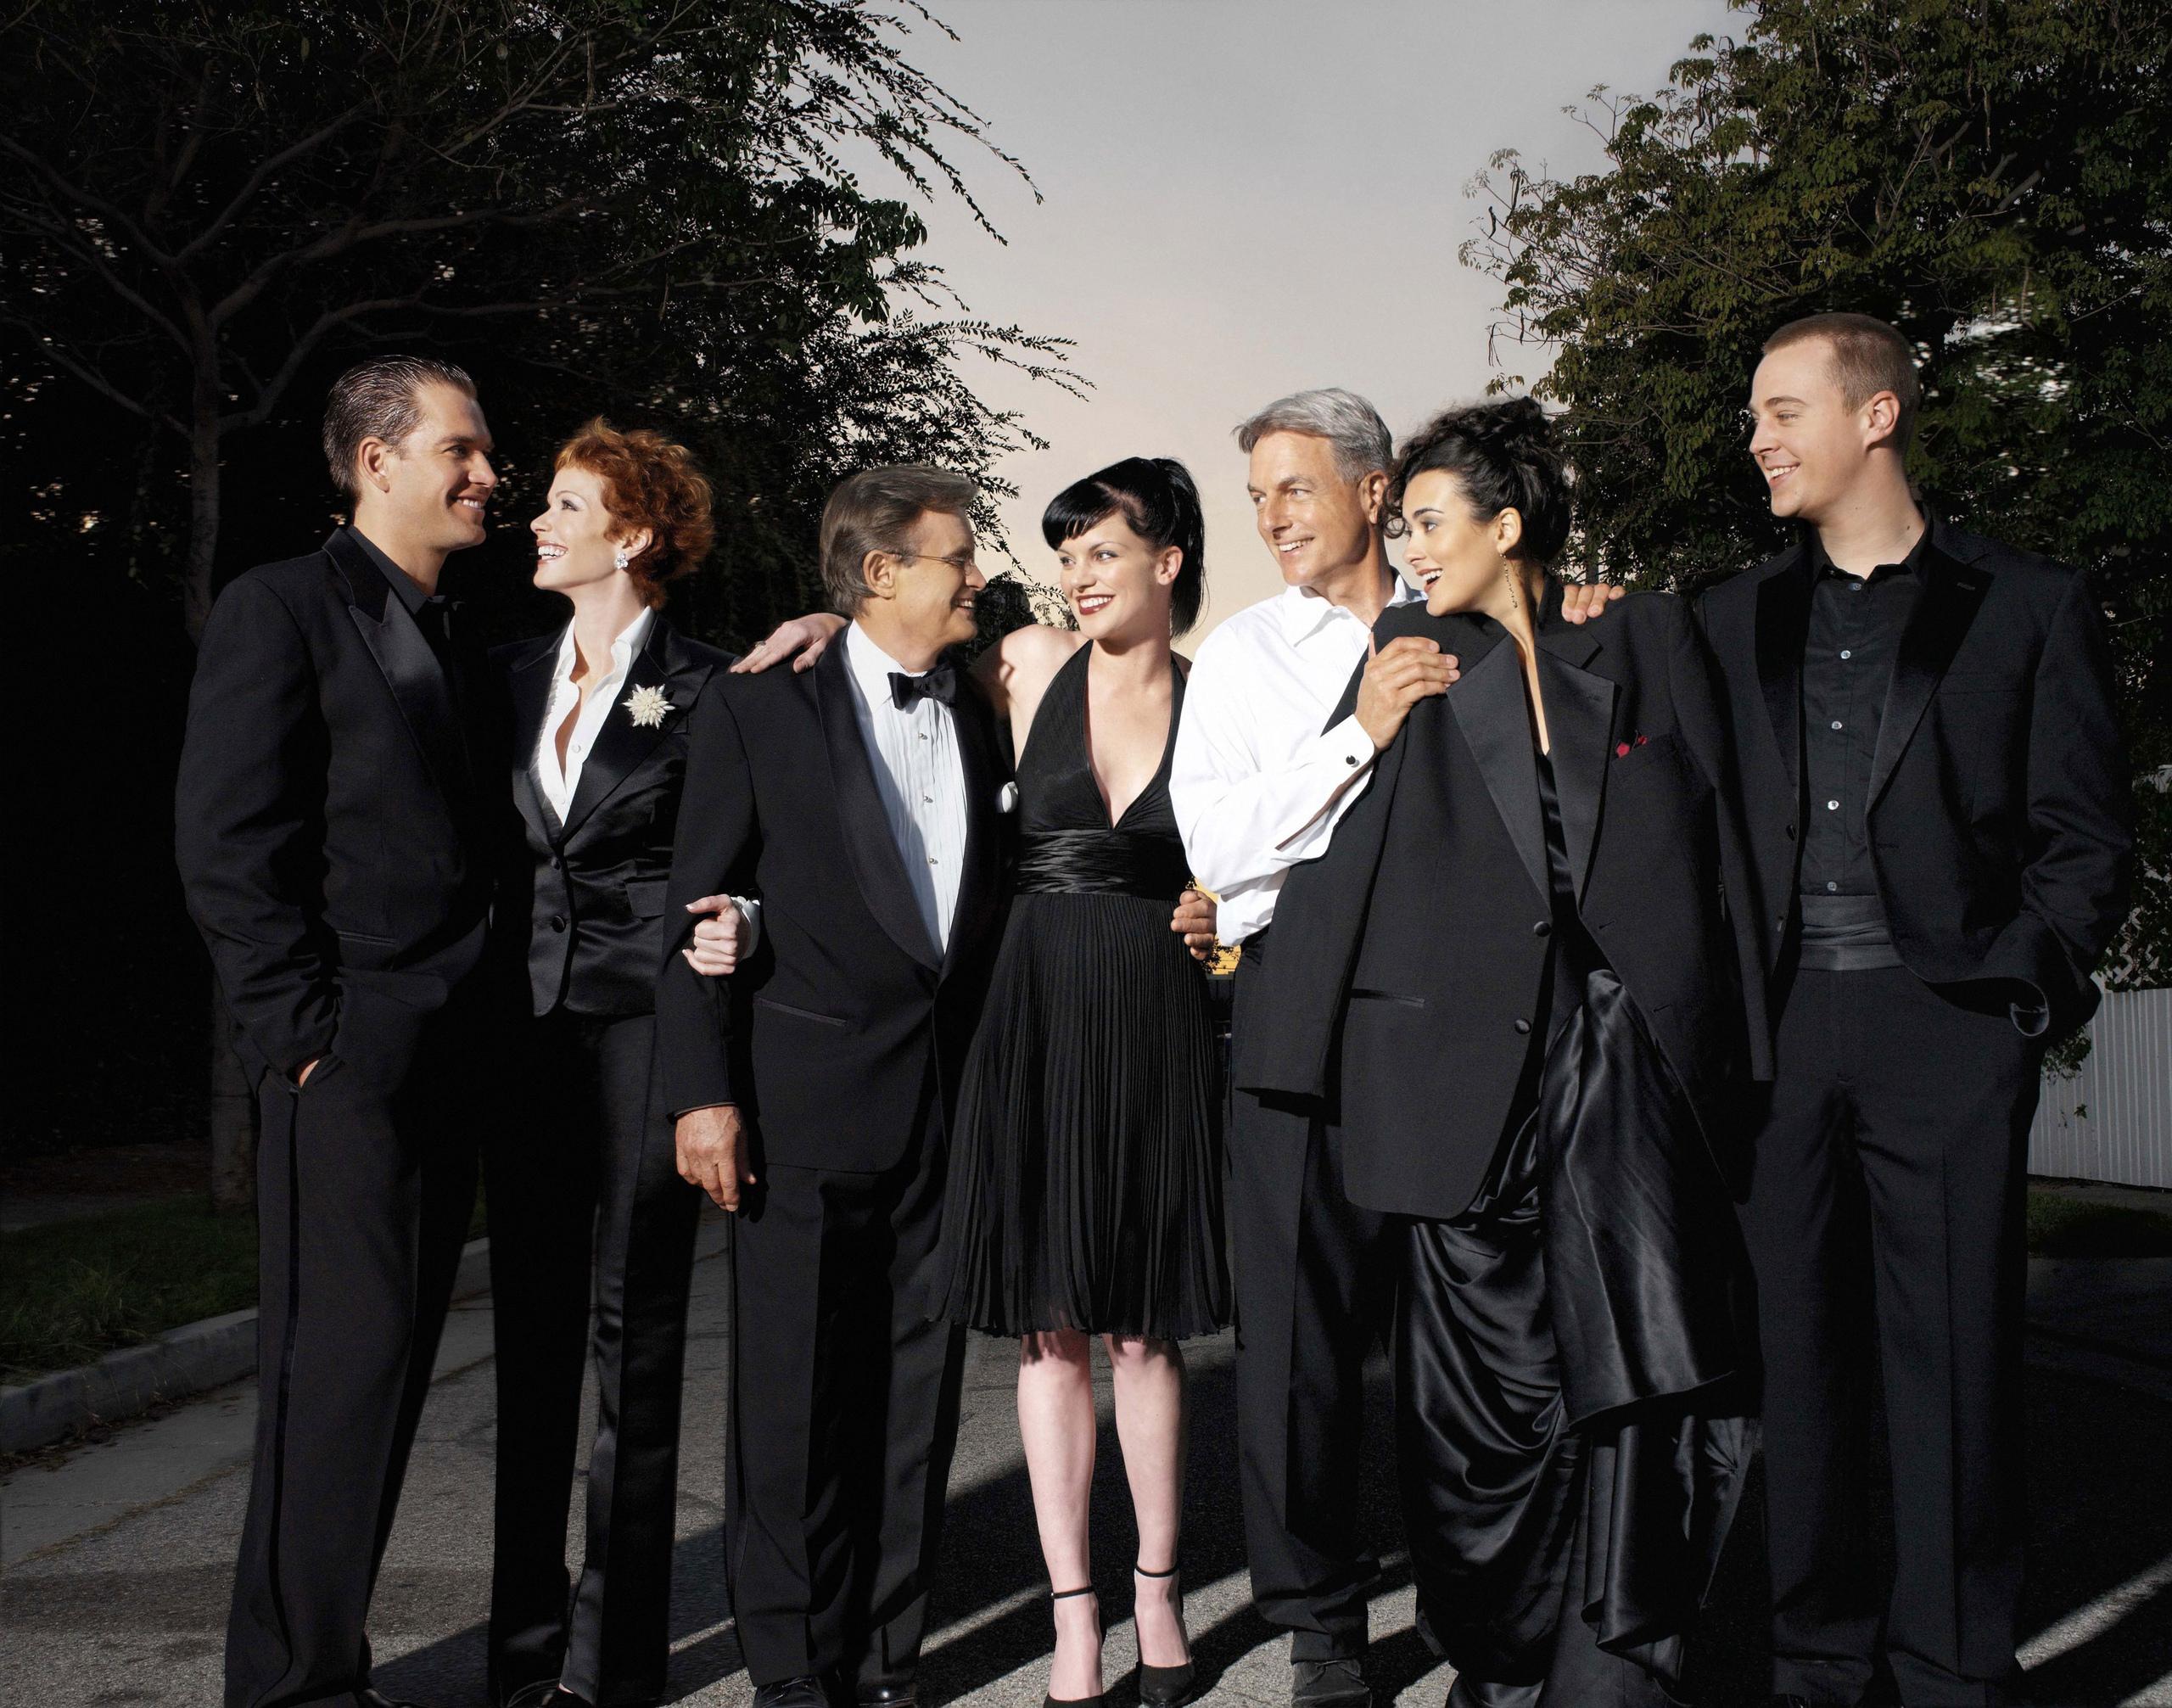 NCIS Original Cast Members